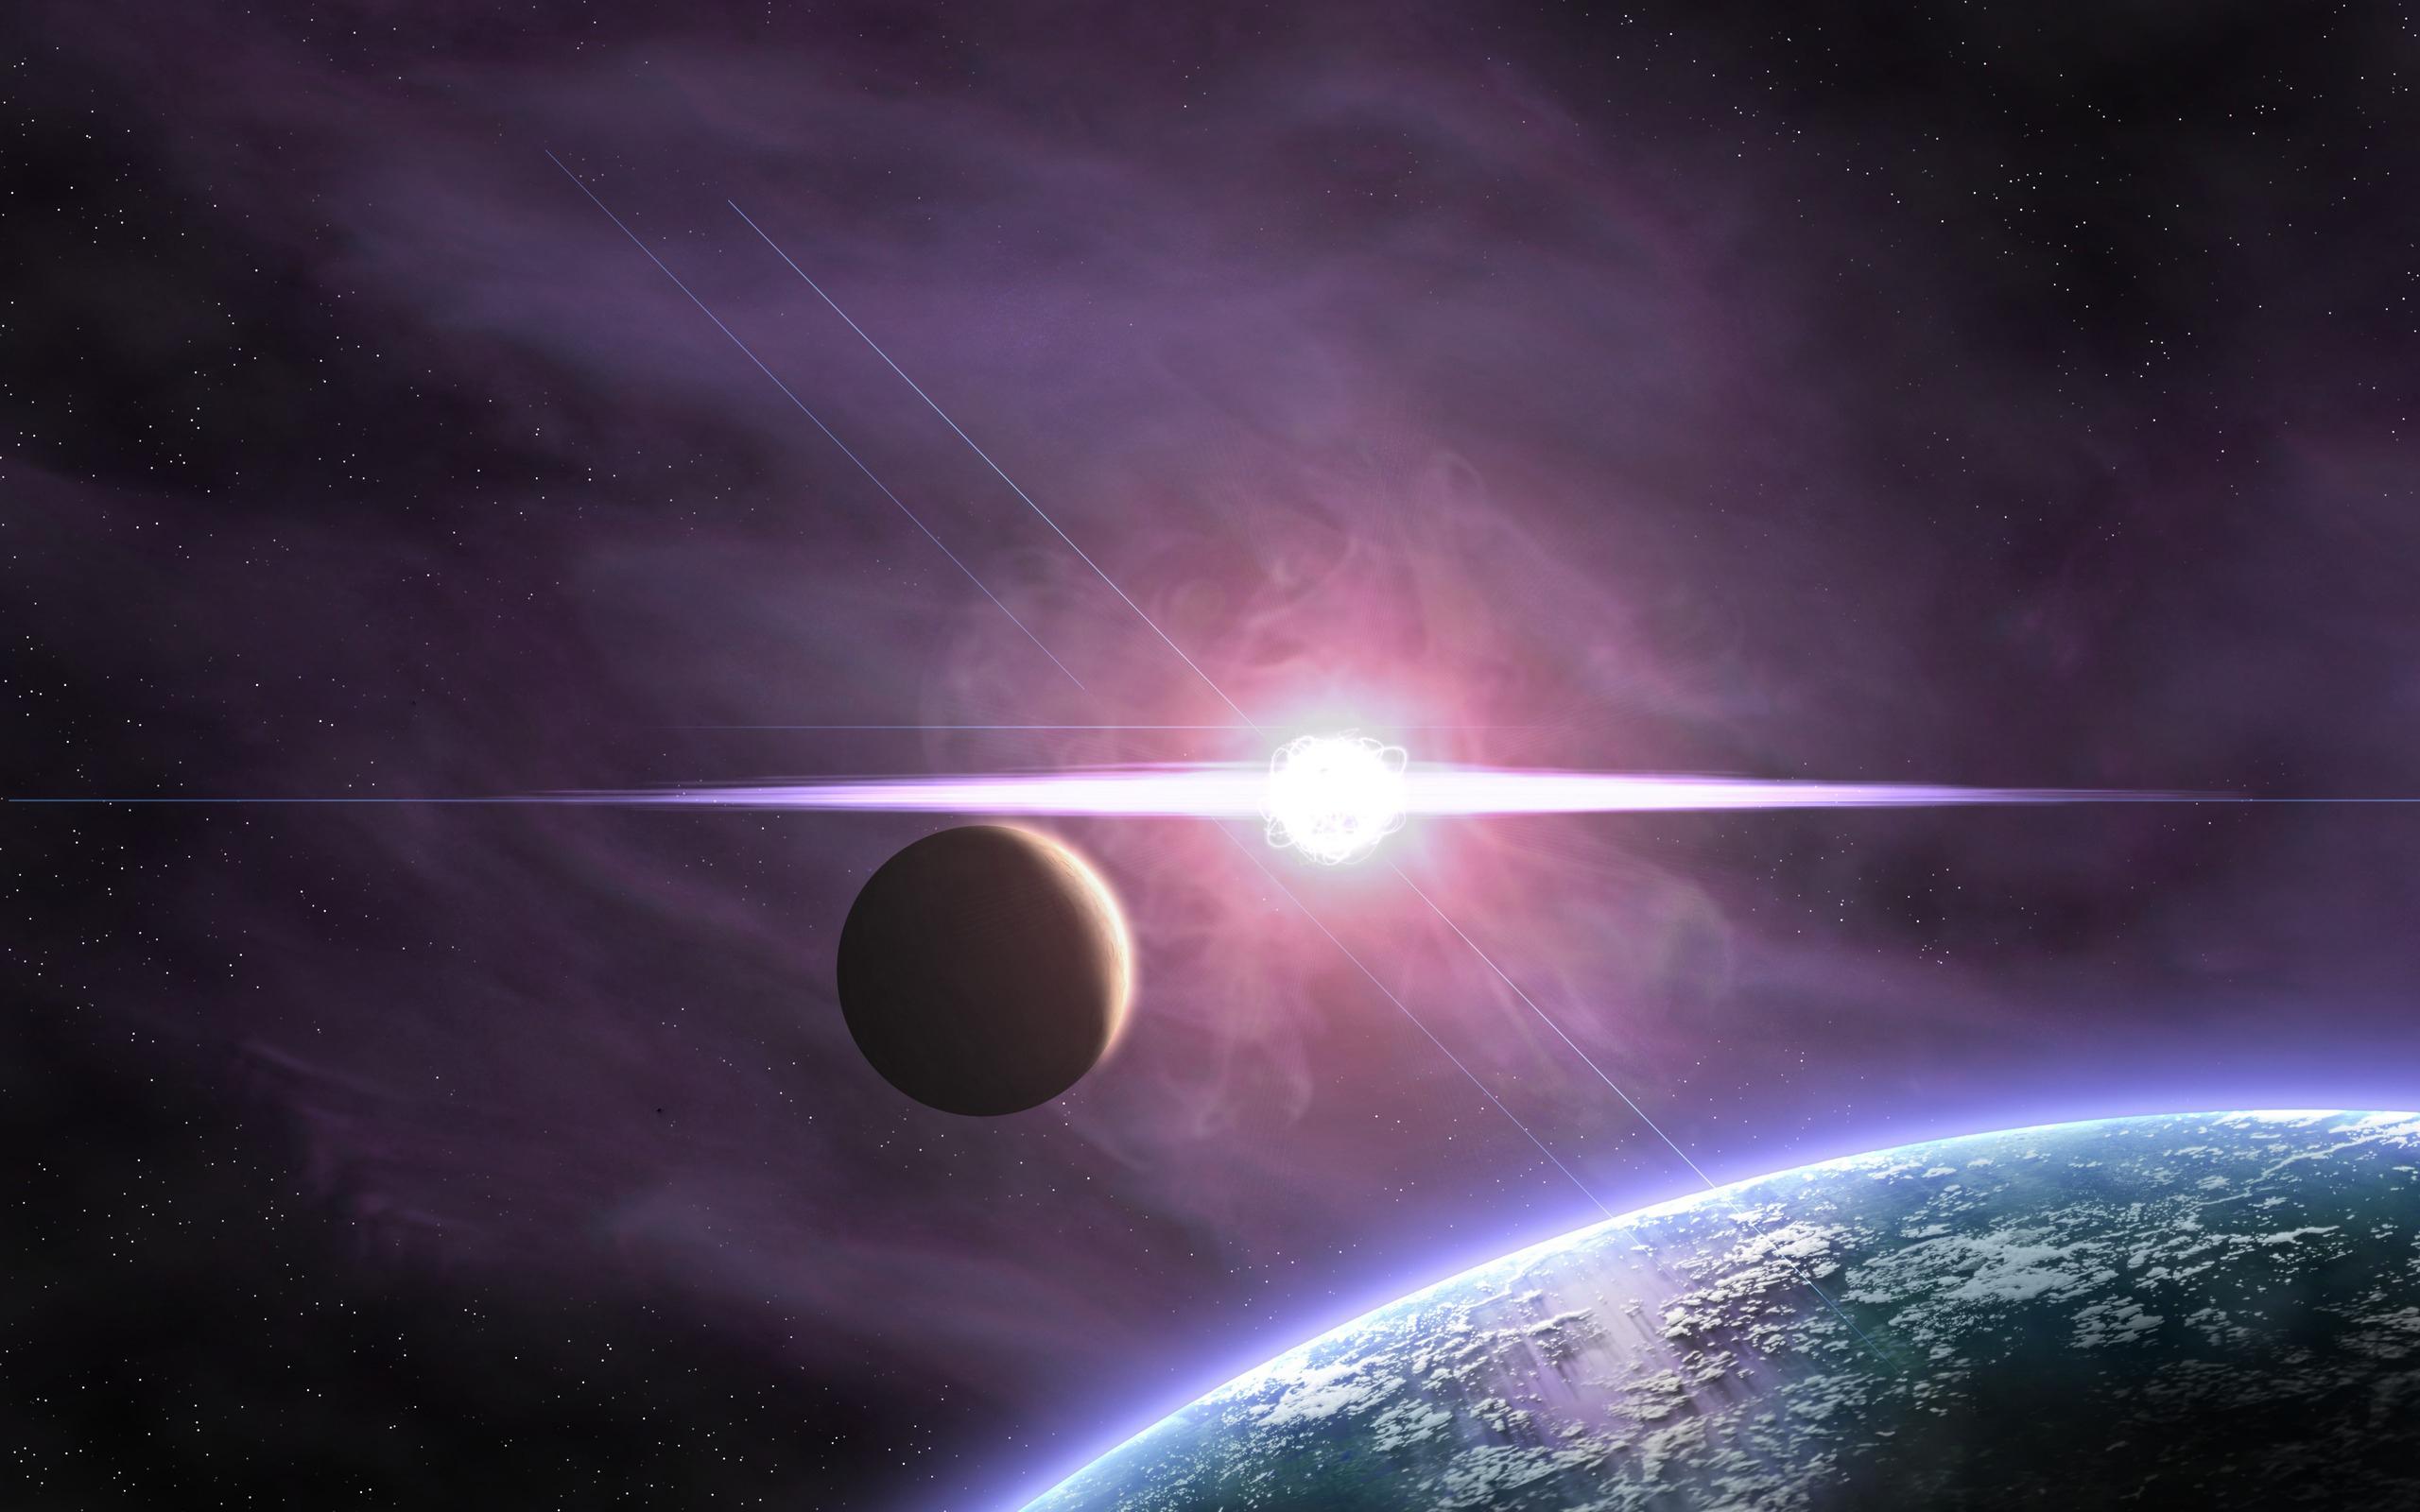 Планета, спутник, звезды, сияние, вспышка, gdefon.